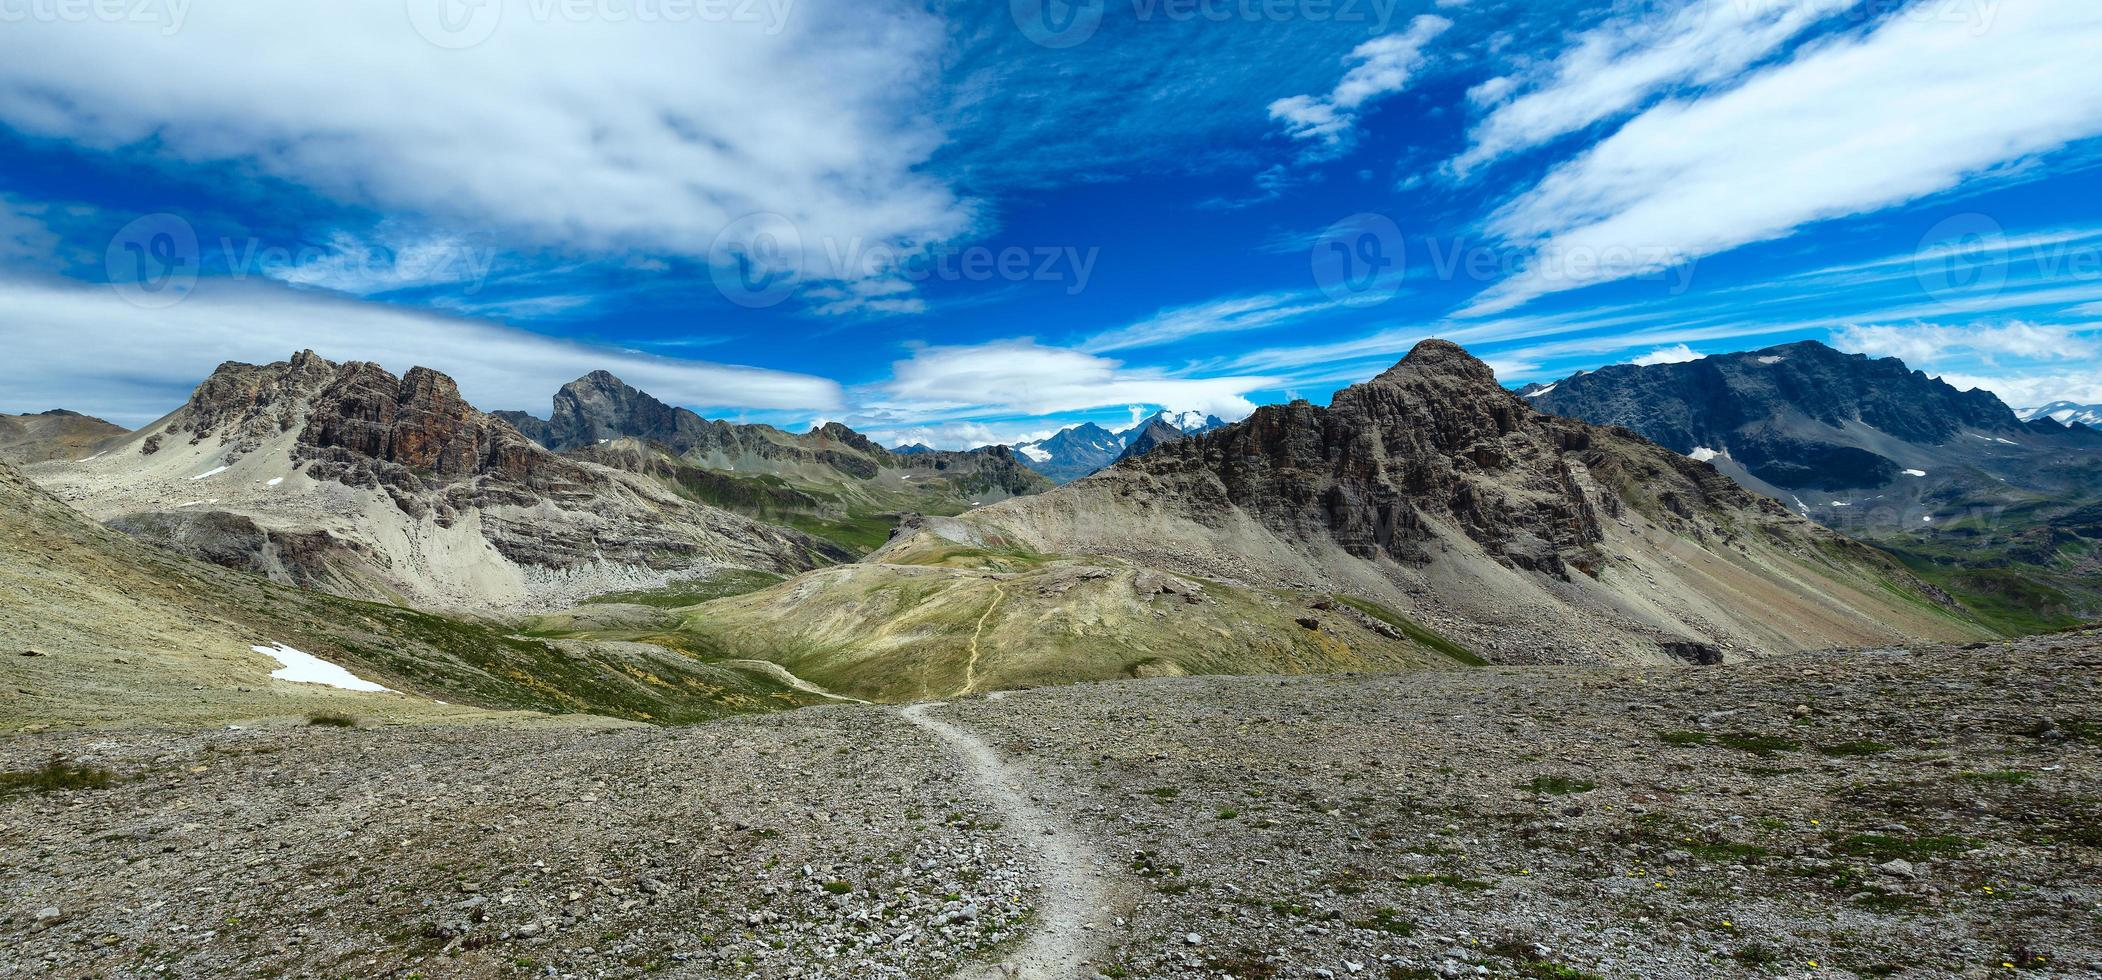 panorama de montagnes avec sentier photo